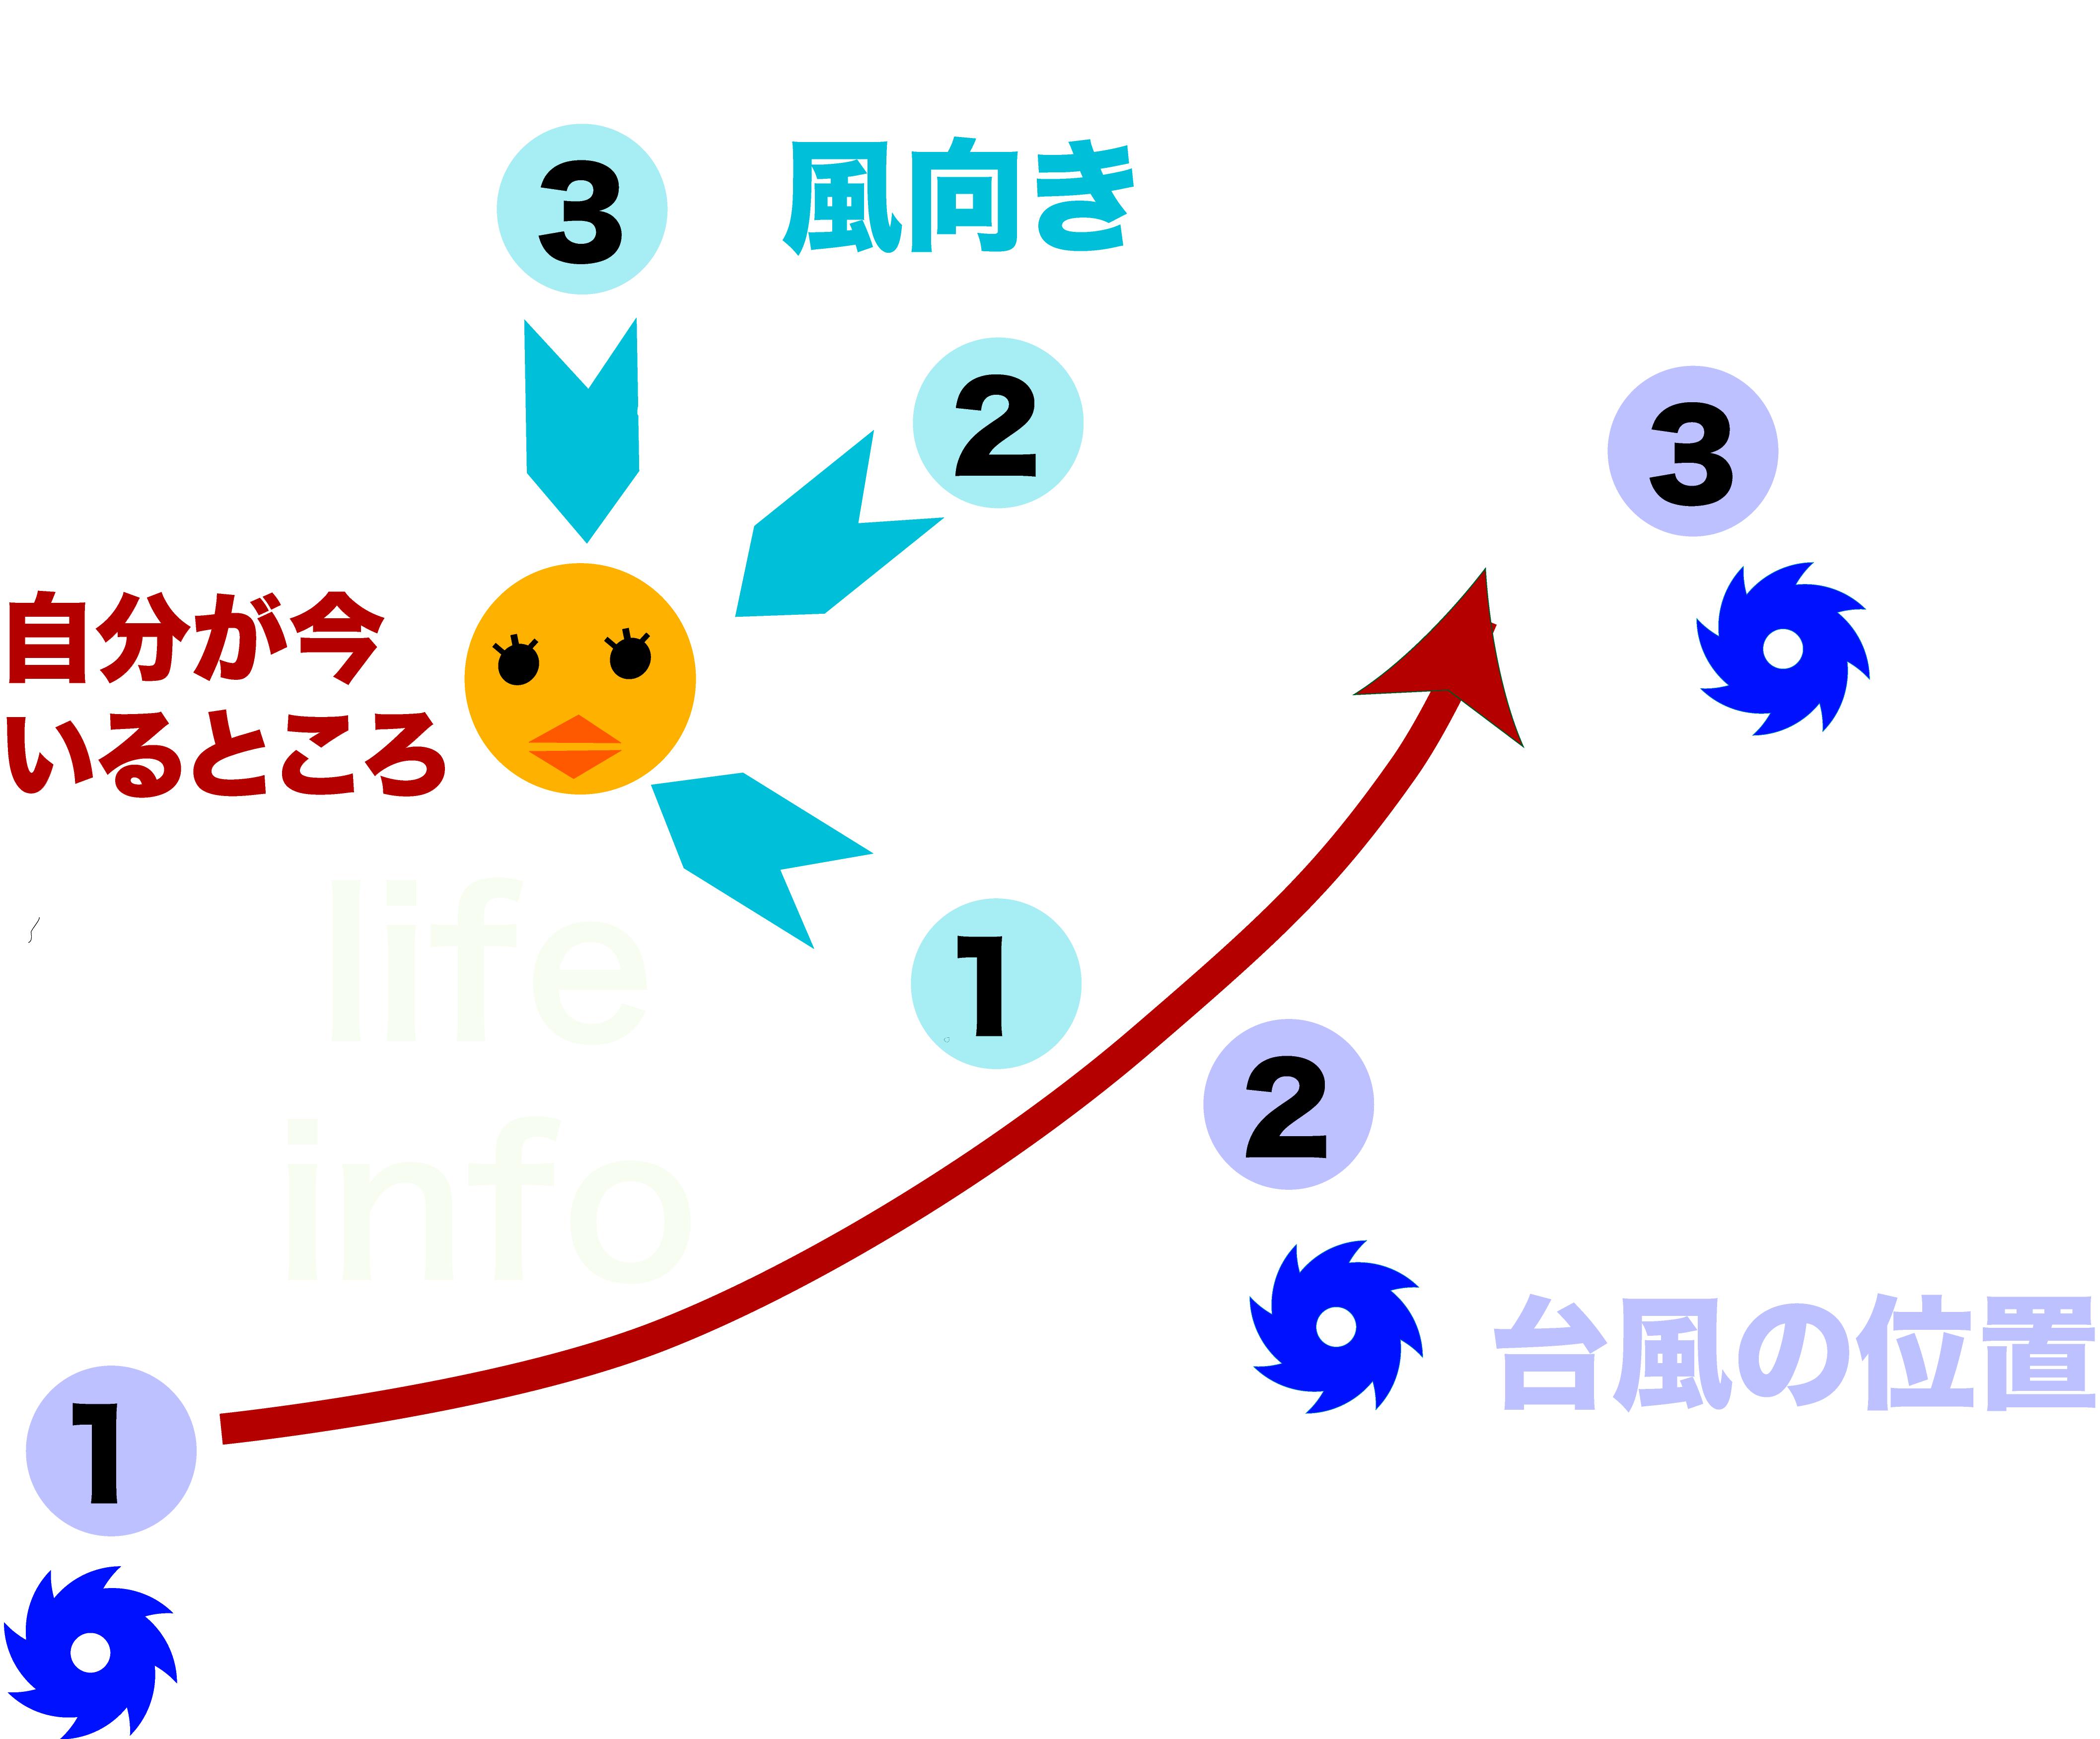 台風が南を通る場合の風向き